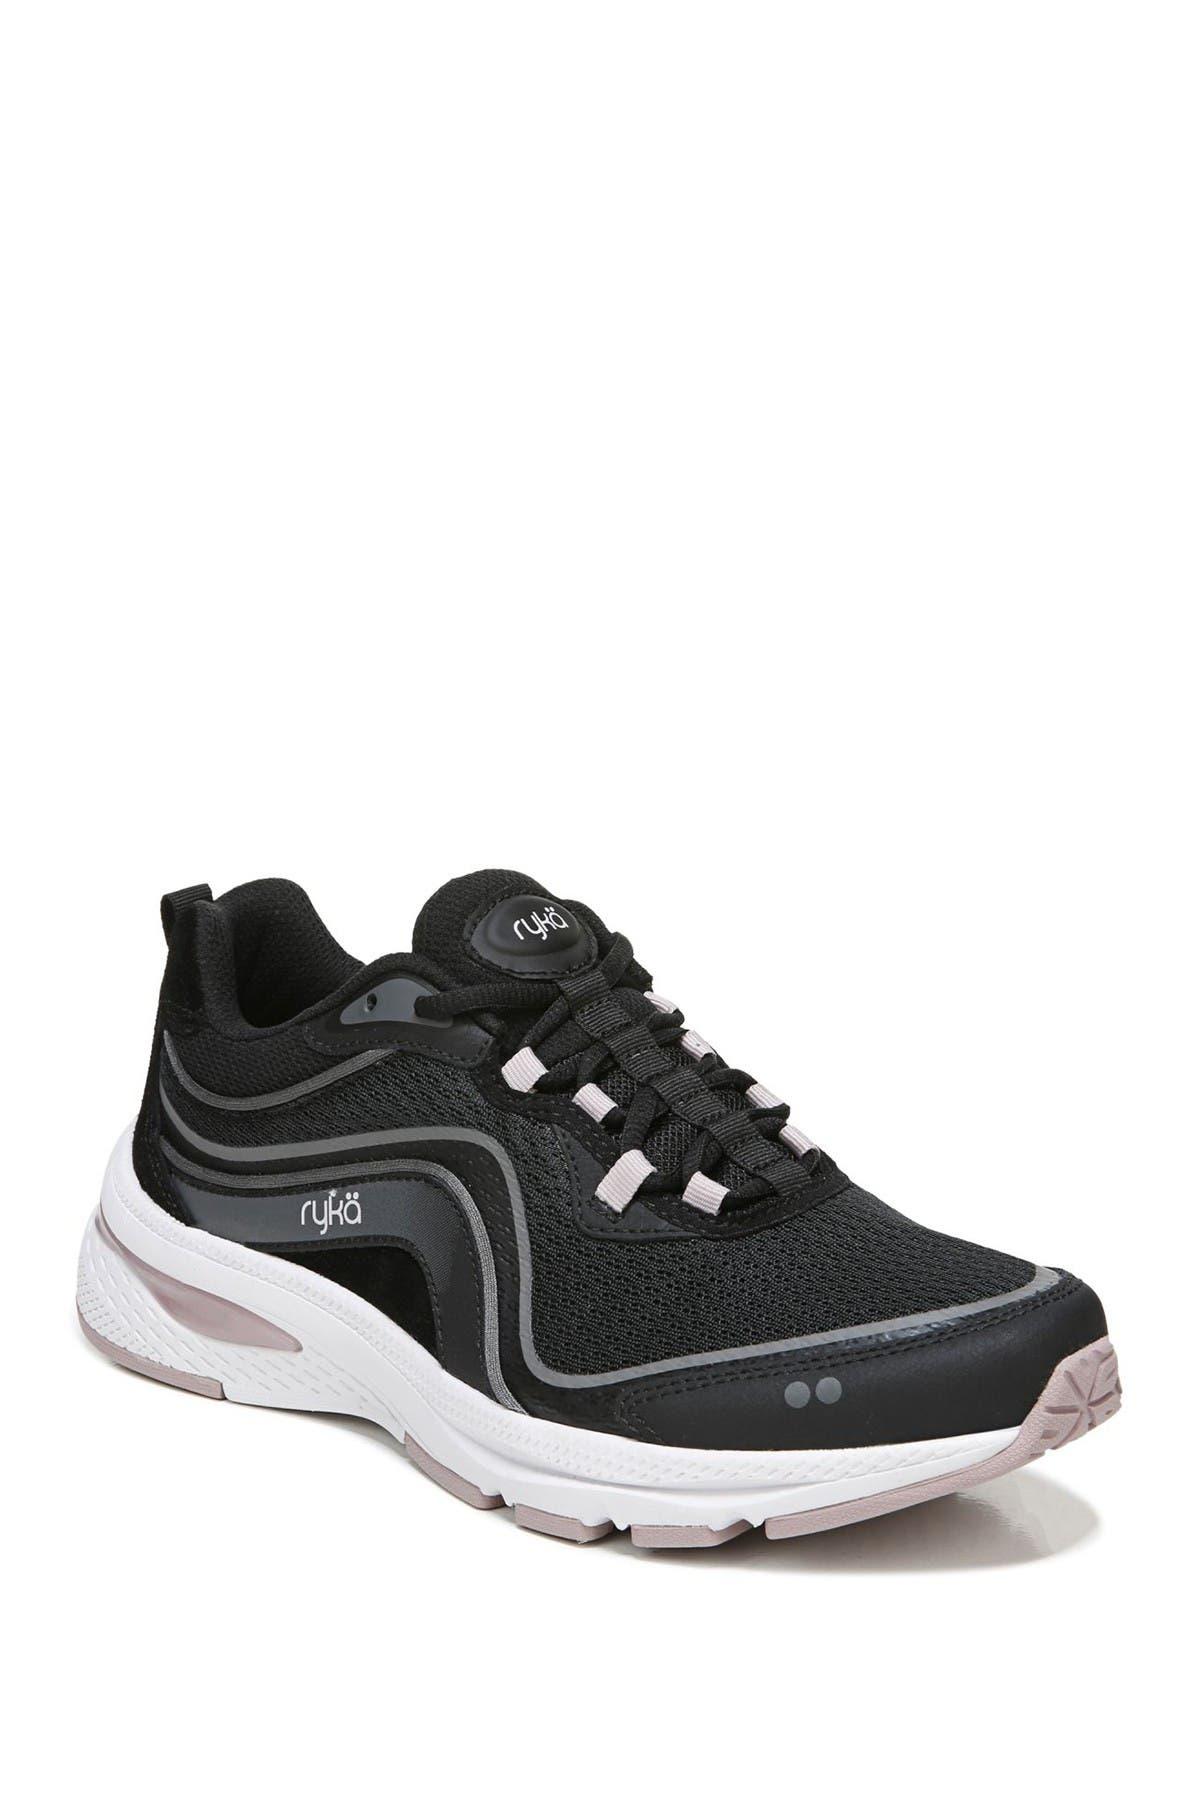 Image of Ryka Belong Walking Shoe